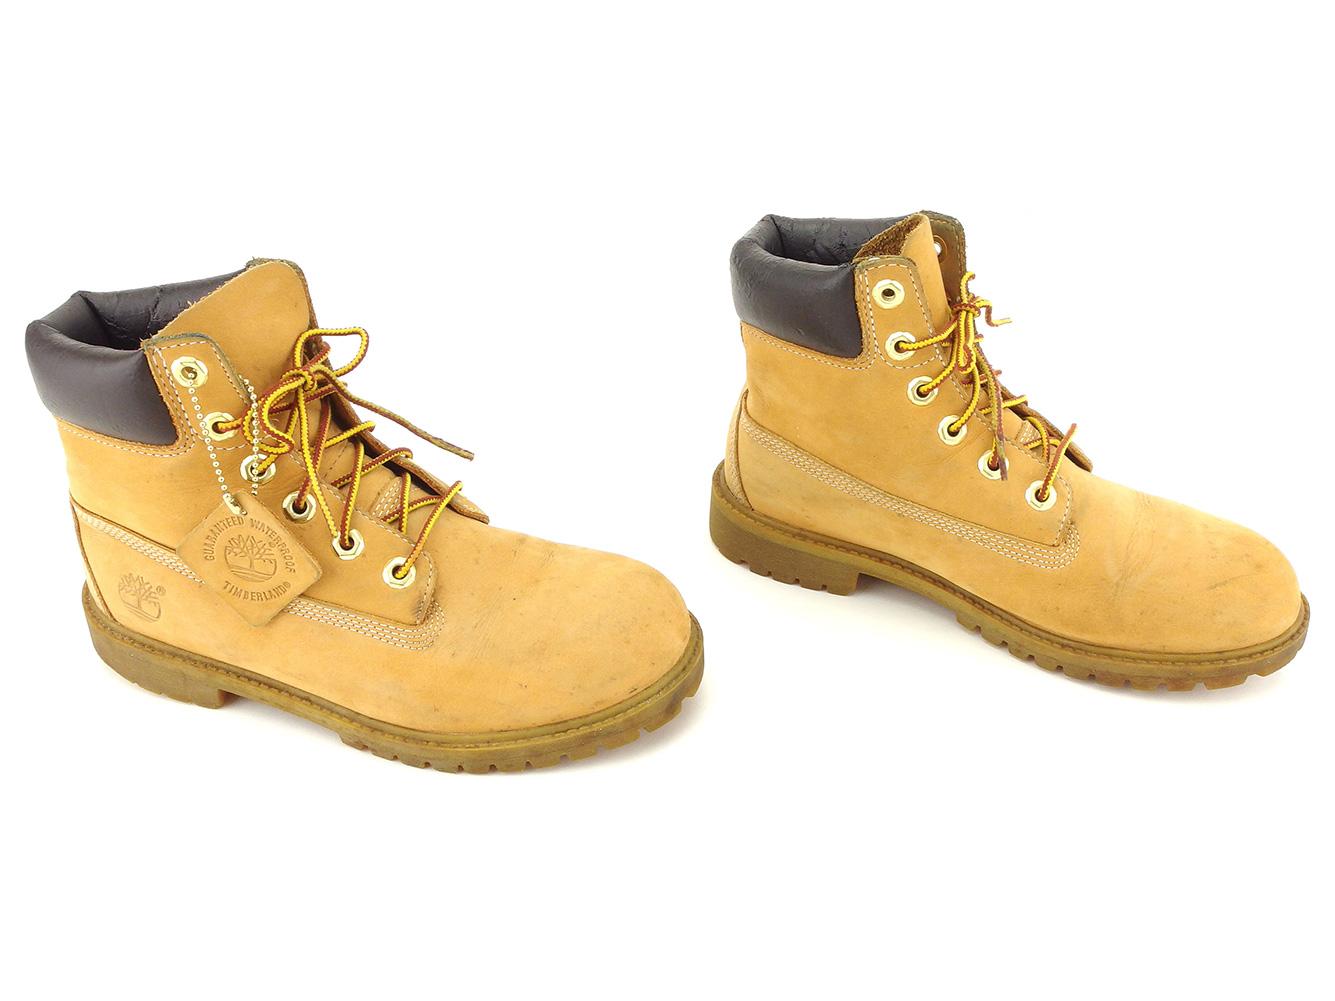 ファッションセール10 オフティンバーランド Timberland ブーツ シューズ 靴 レディース ♯JP23JTulFc35K1